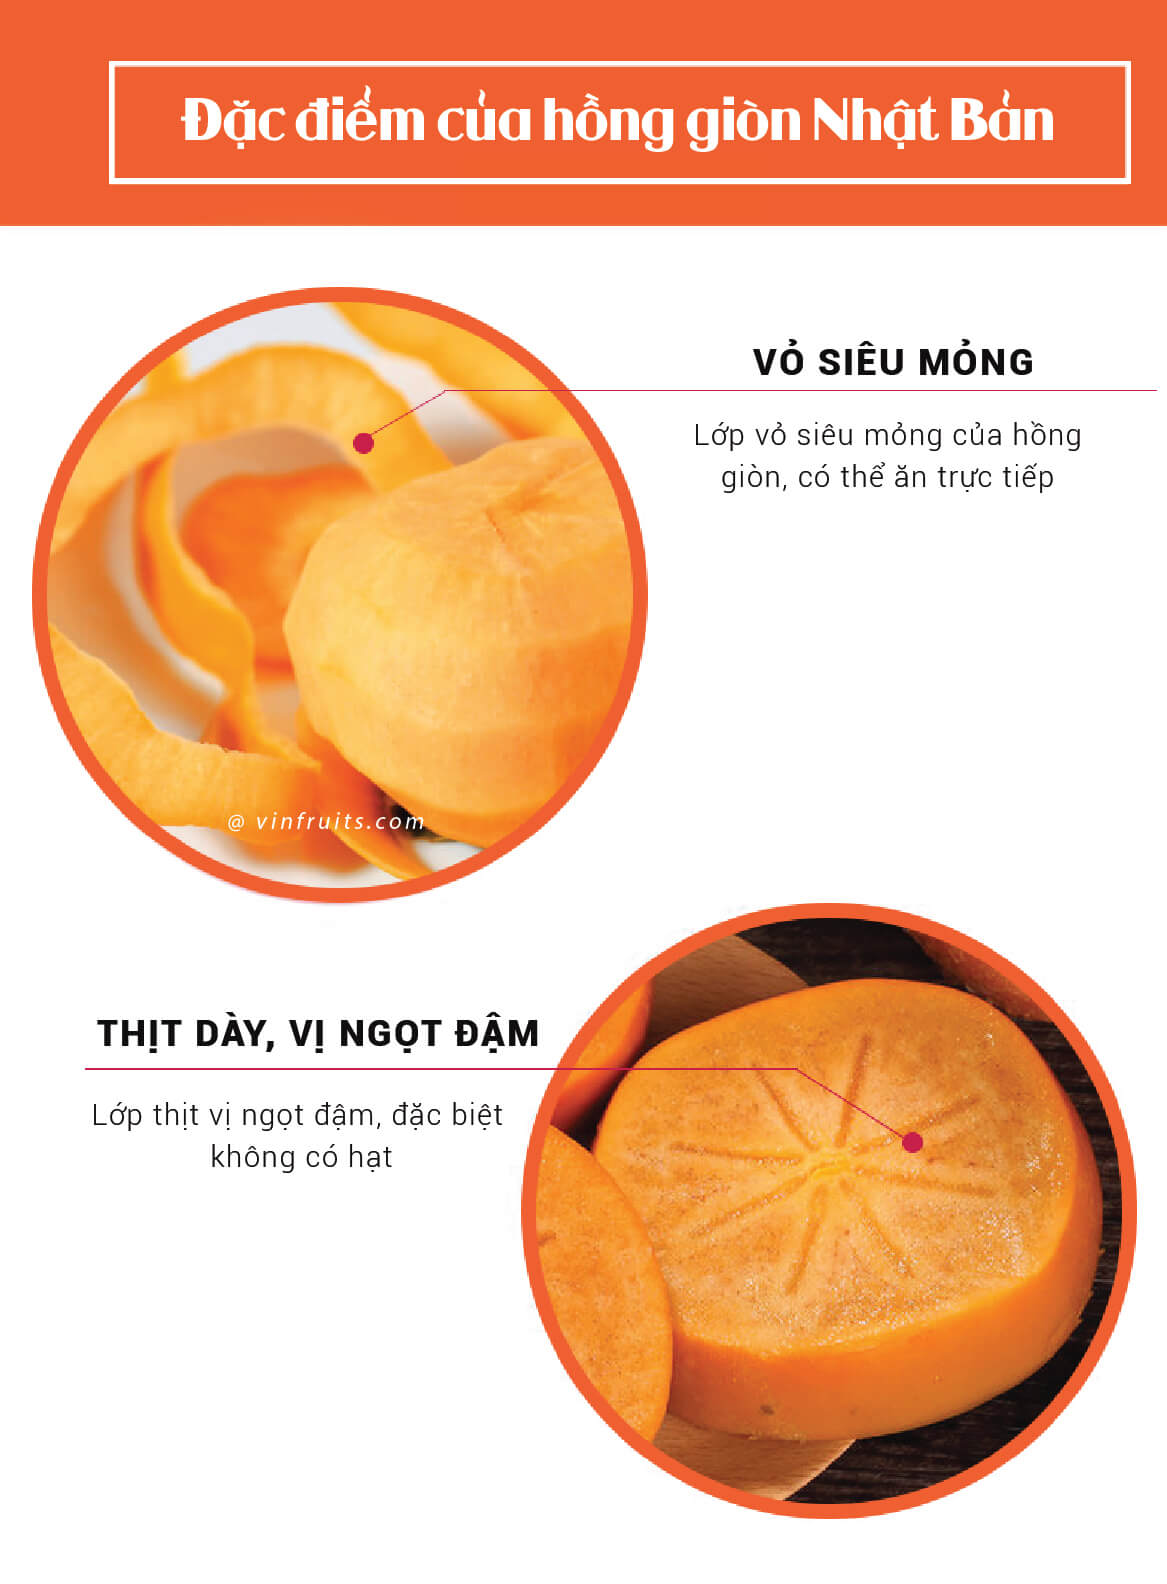 Hong gion Nhat Ban - vinfruits 3